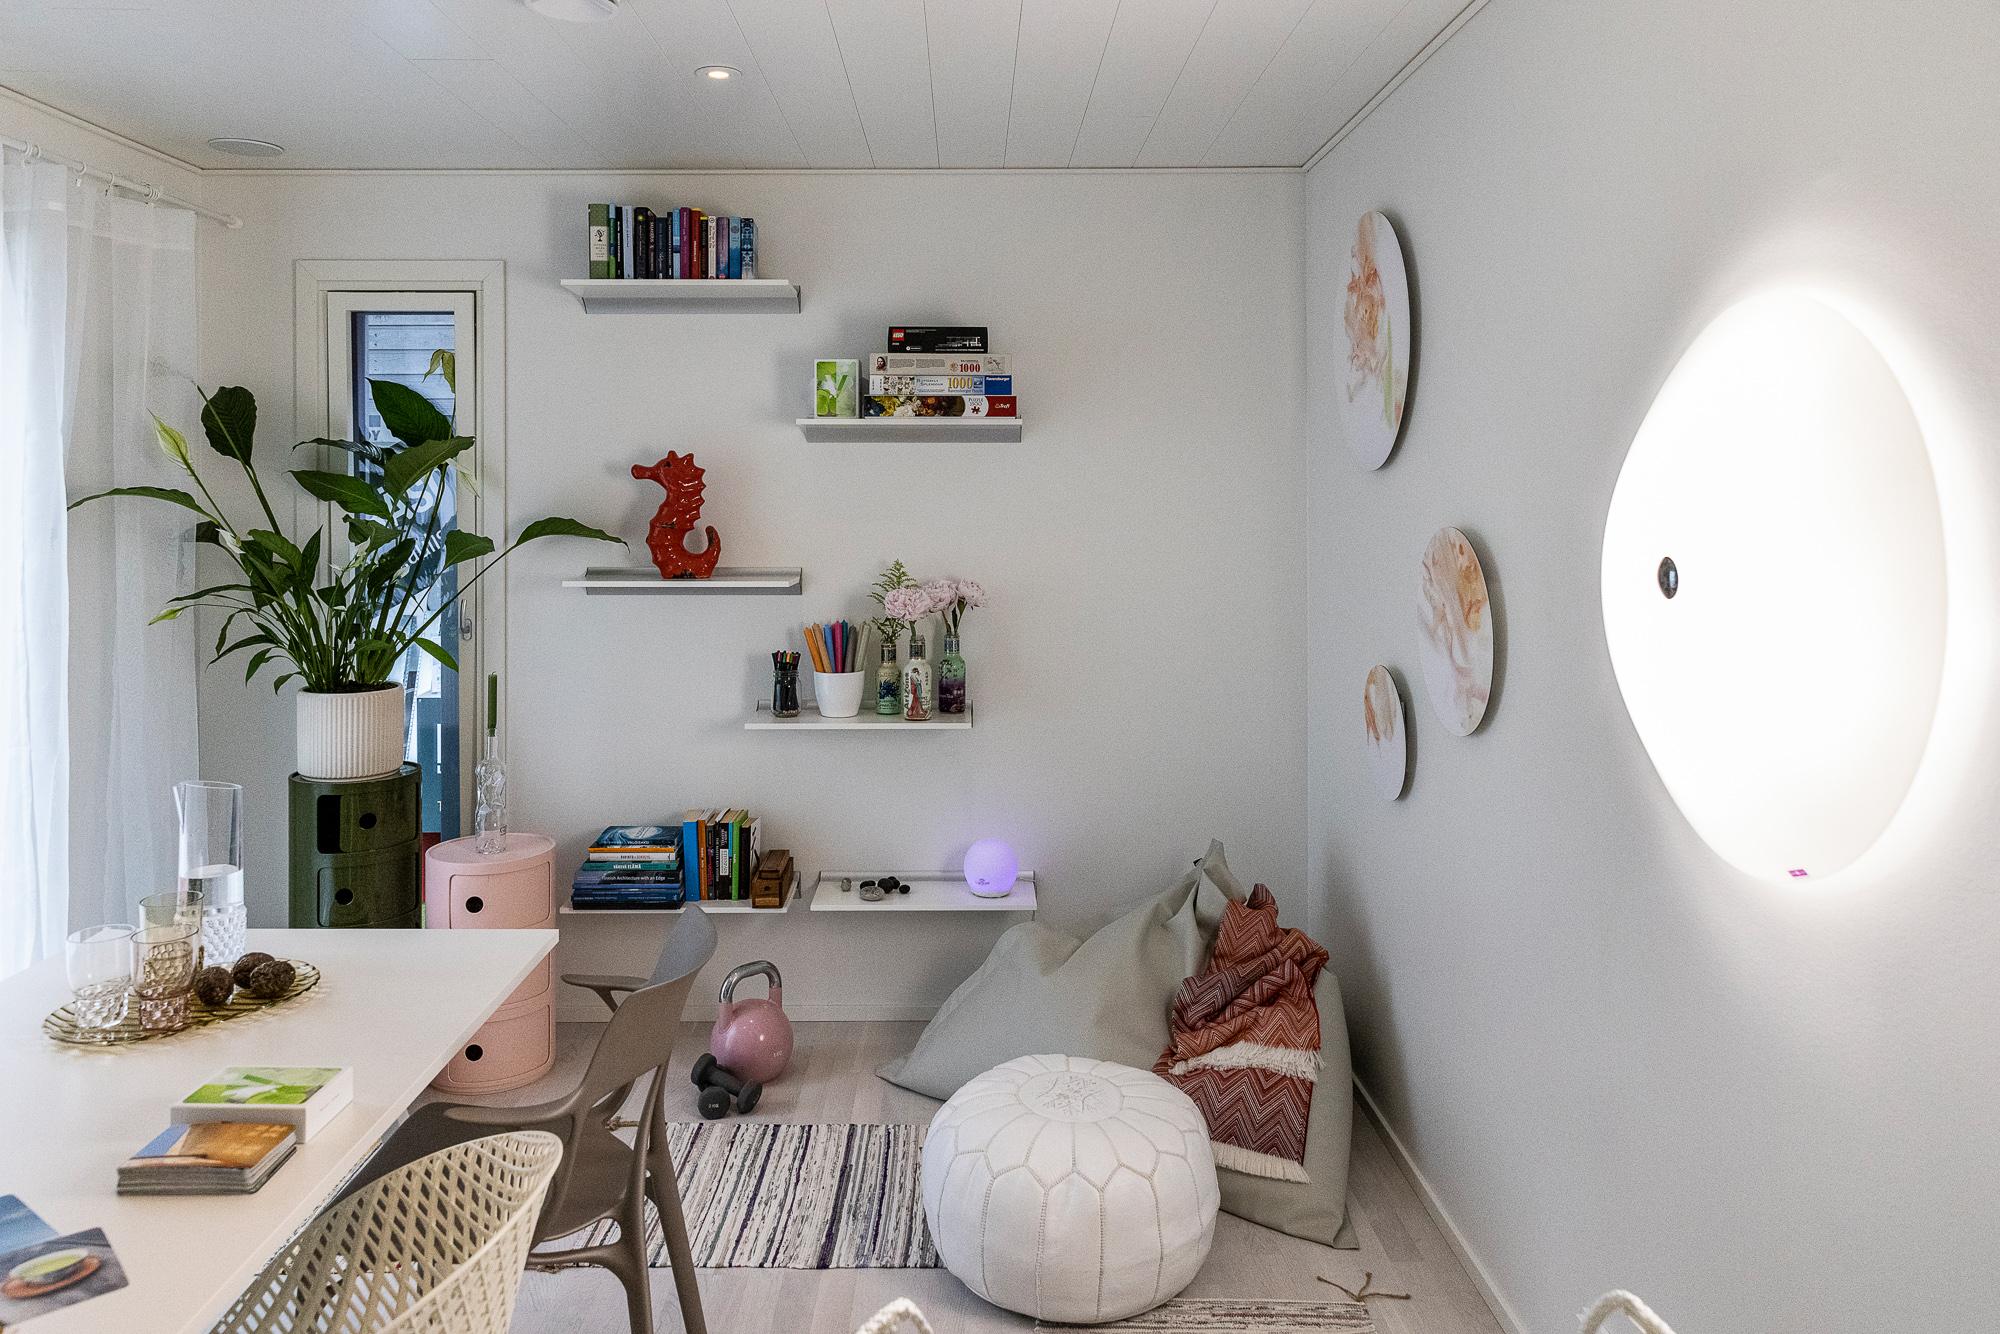 Asuntomessut 2021, asuntomessukohde, Lohjan asuntomessut, Vuoden 2021 Asuntomessut, parhaat asuntomessukohteet, tärpit messuille, valokuvaaja, visualaddict, Frida Steiner, visualaddictfrida, sisustus, sisustusinspiraatio, sisustaminen, keittiö, makuuhuone, olohuone, ProModi